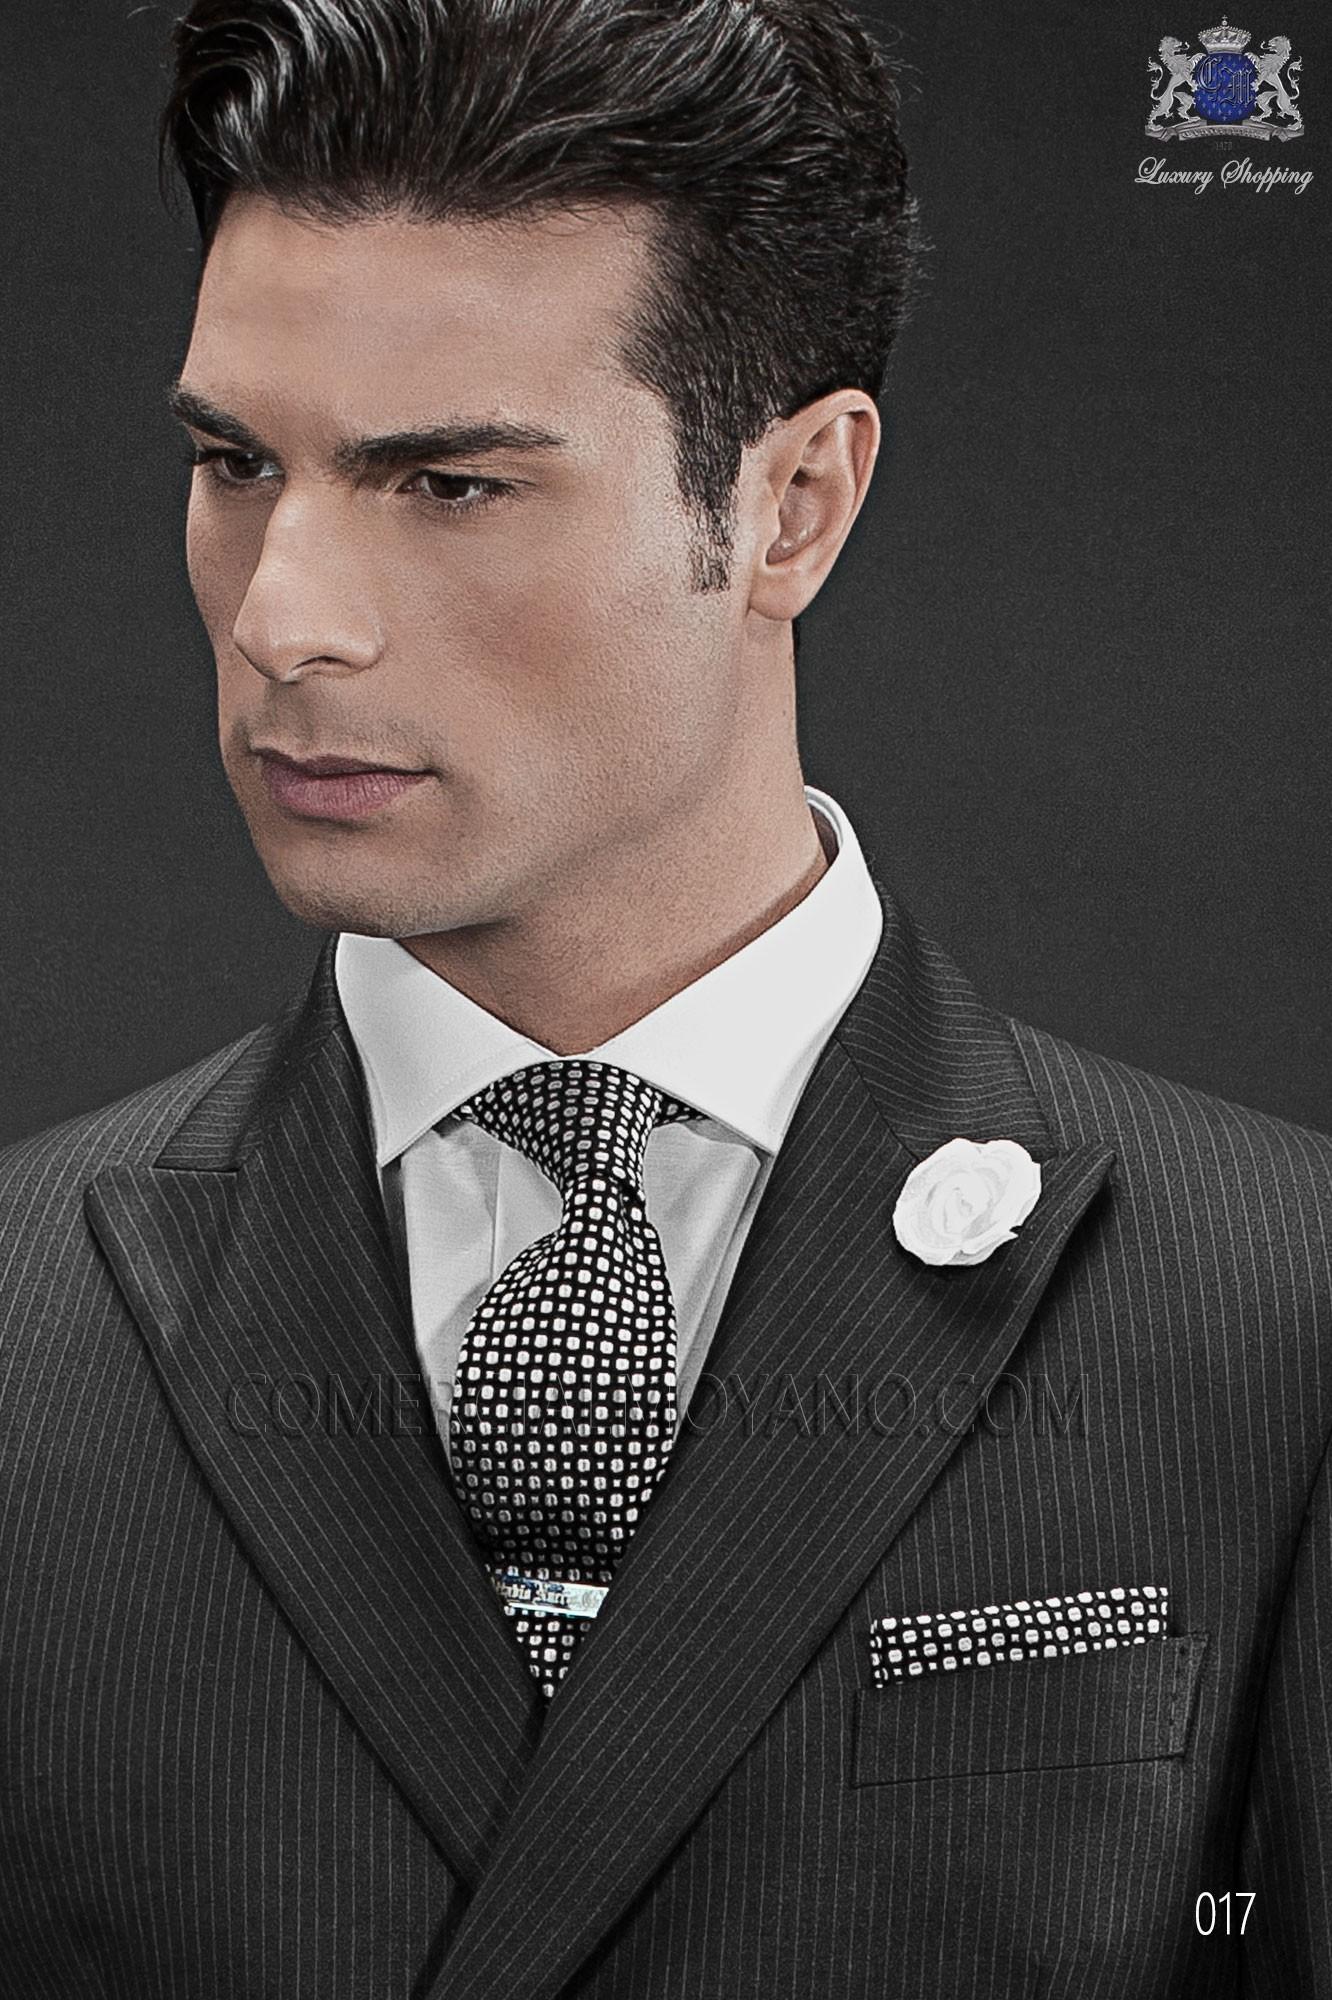 Traje Gentleman de novio negro modelo: 017 Ottavio Nuccio Gala colección Gentleman